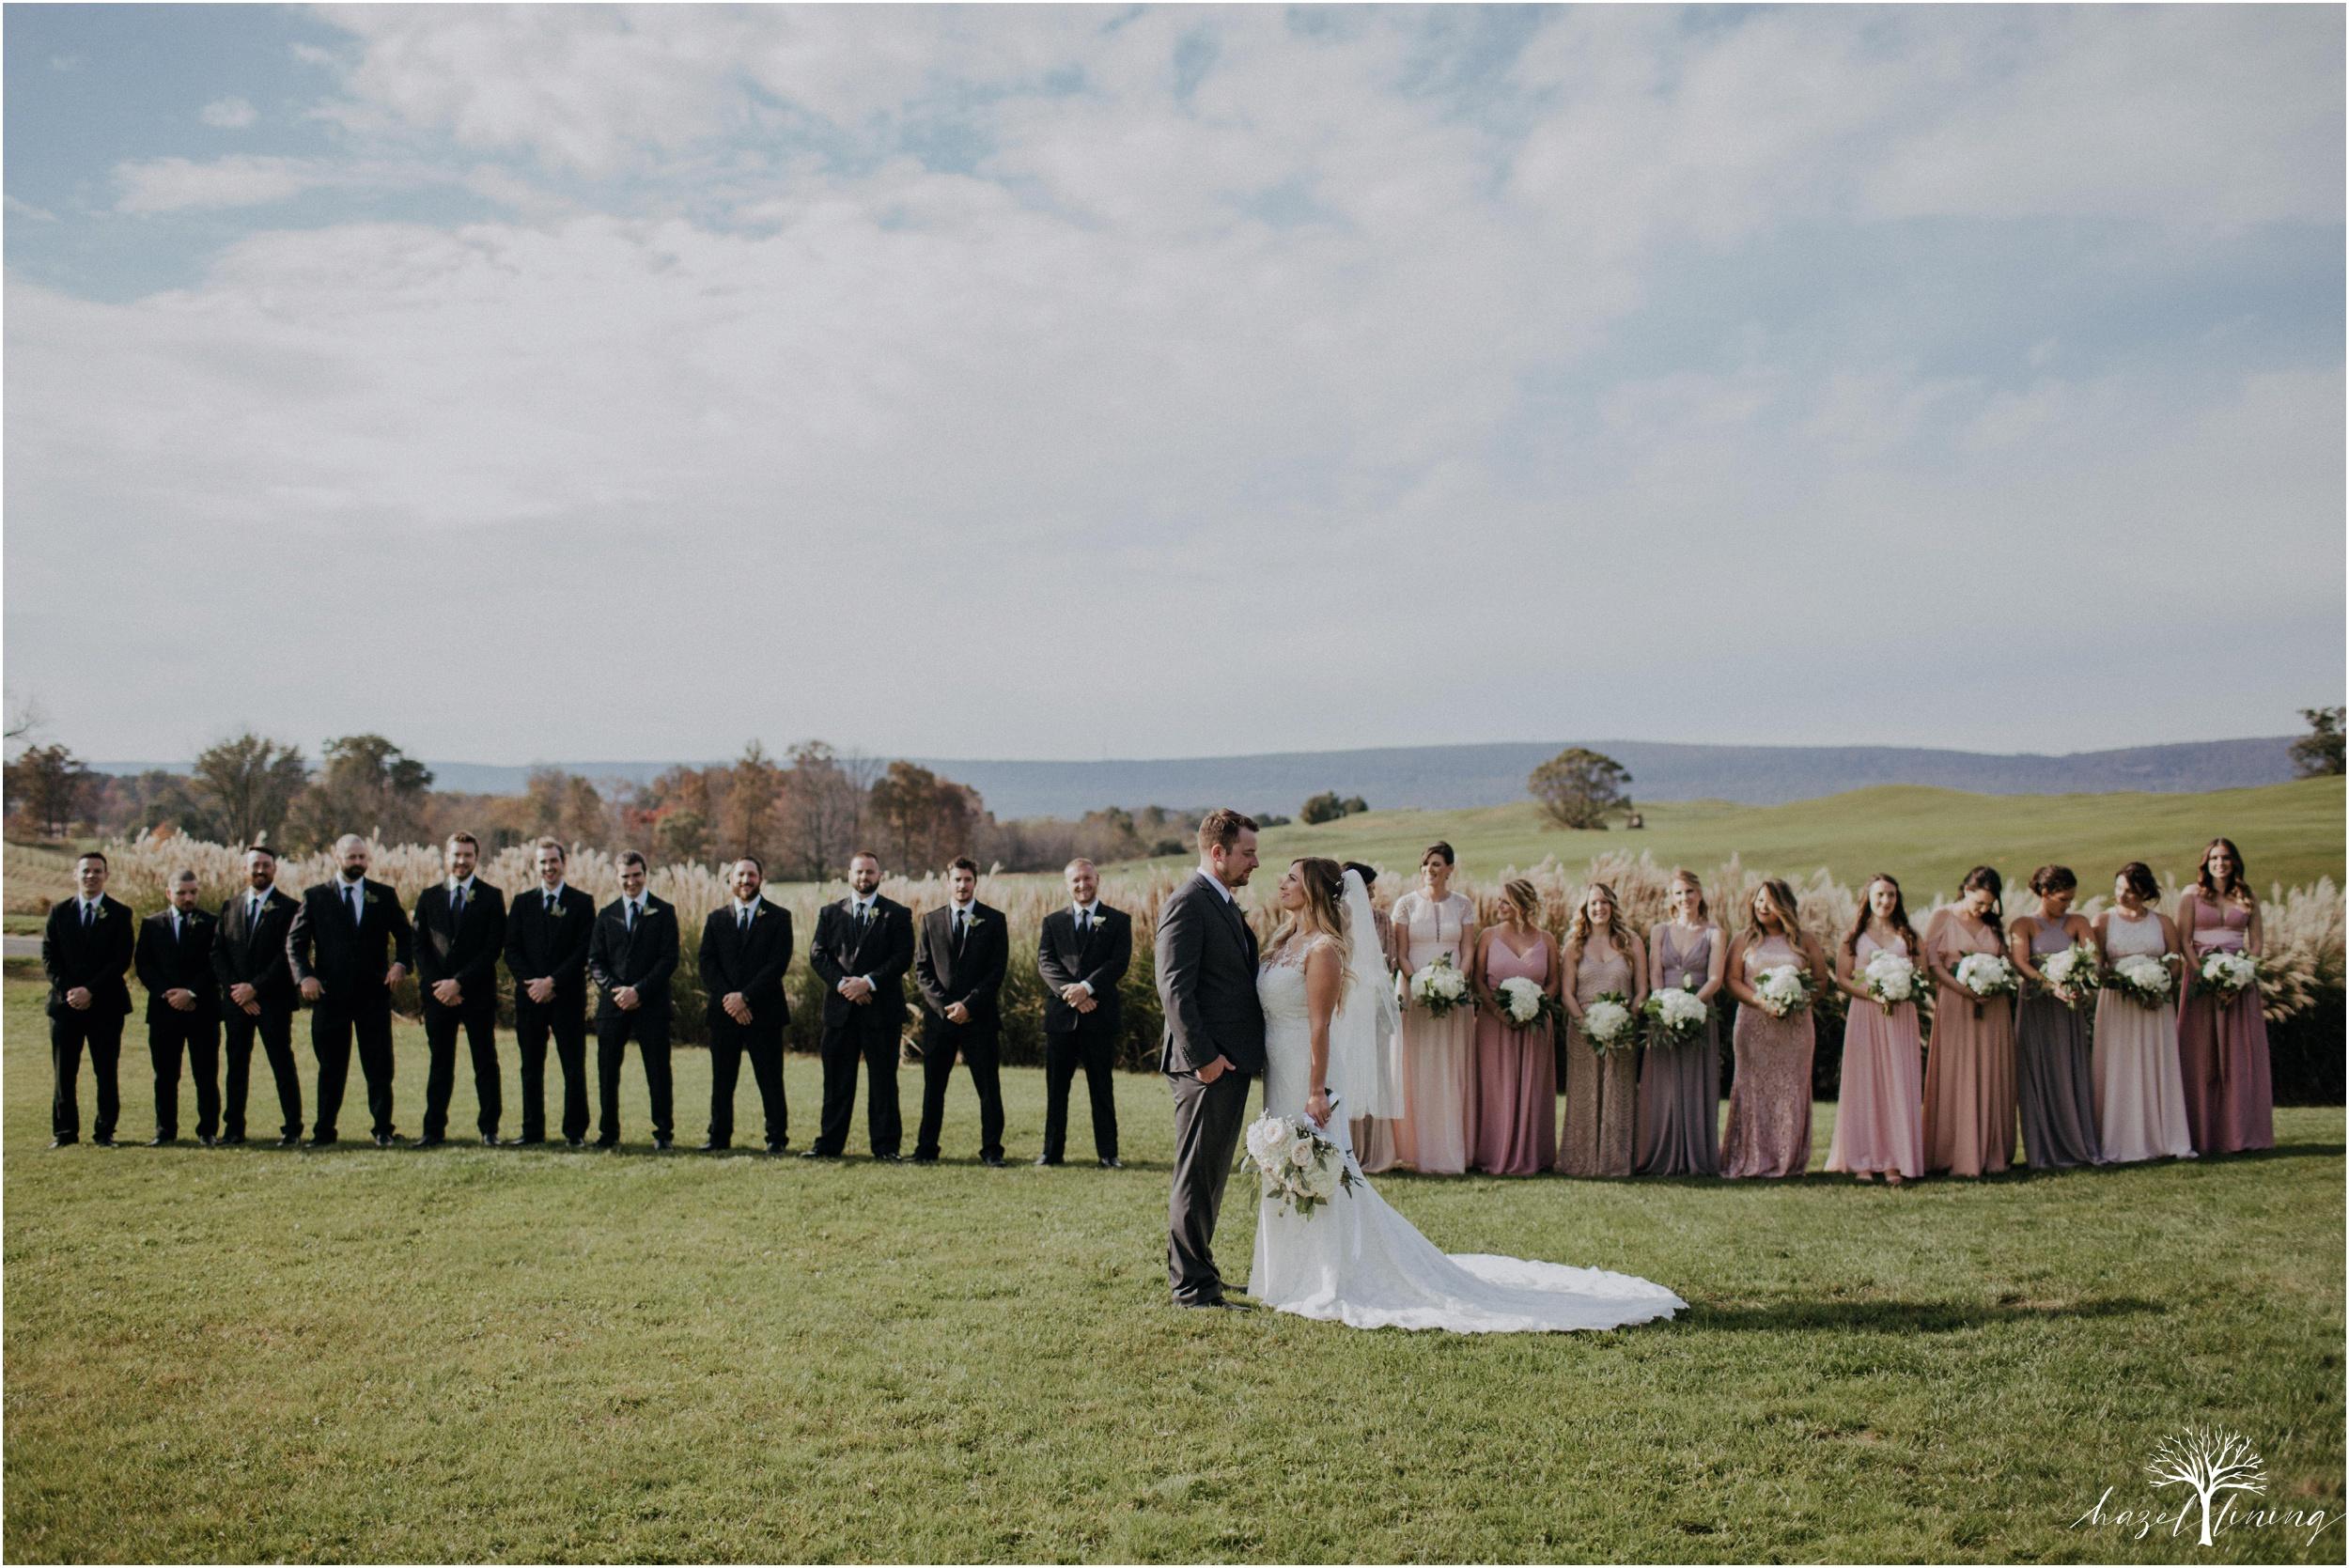 jessie-martin-zach-umlauf-olde-homestead-golfclub-outdoor-autumn-wedding_0083.jpg